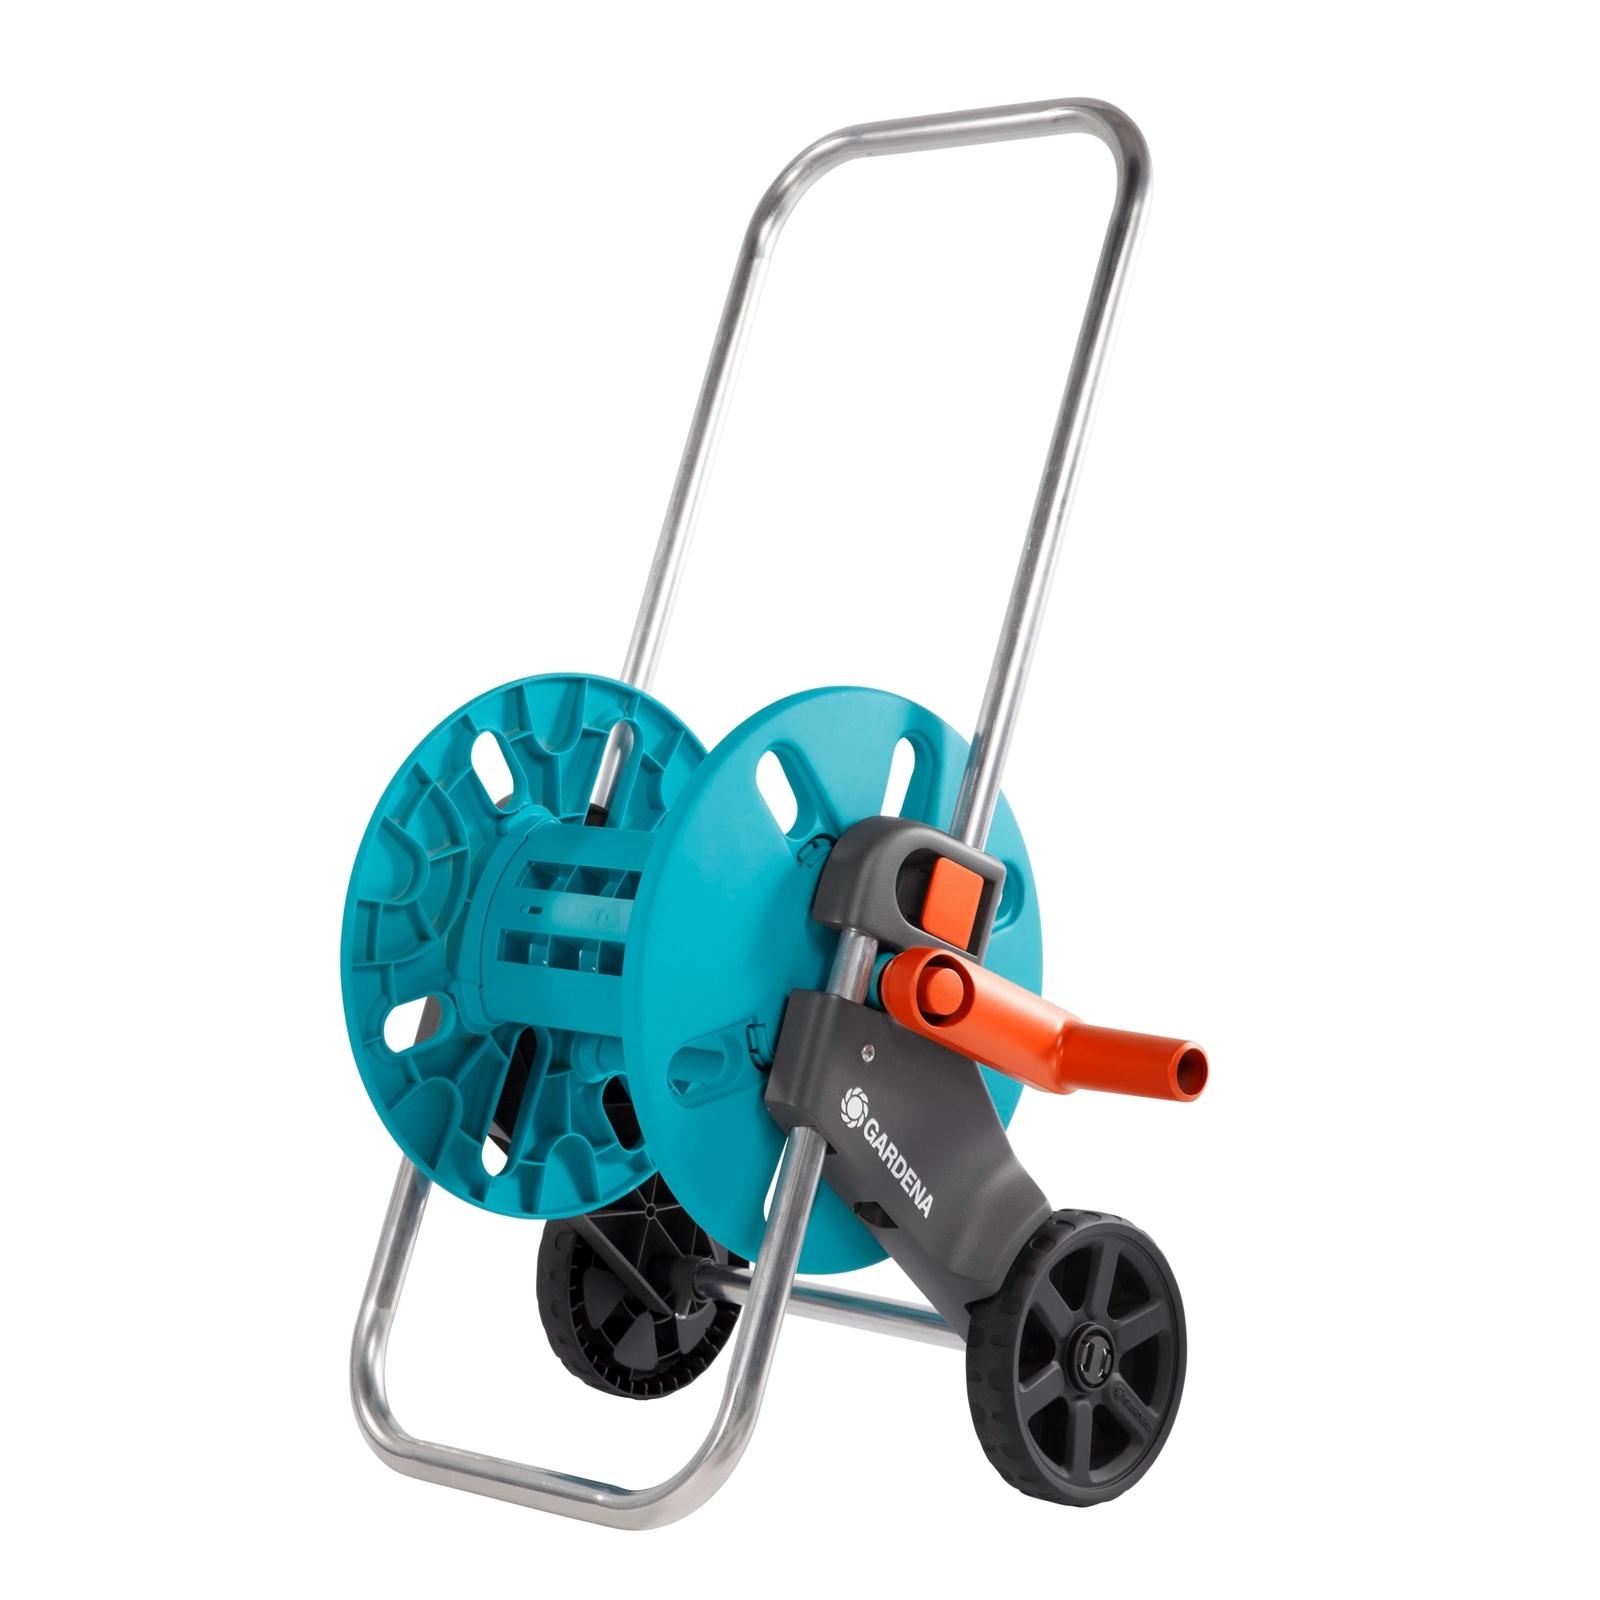 GARDENA Small CleverRoll Hose Trolley